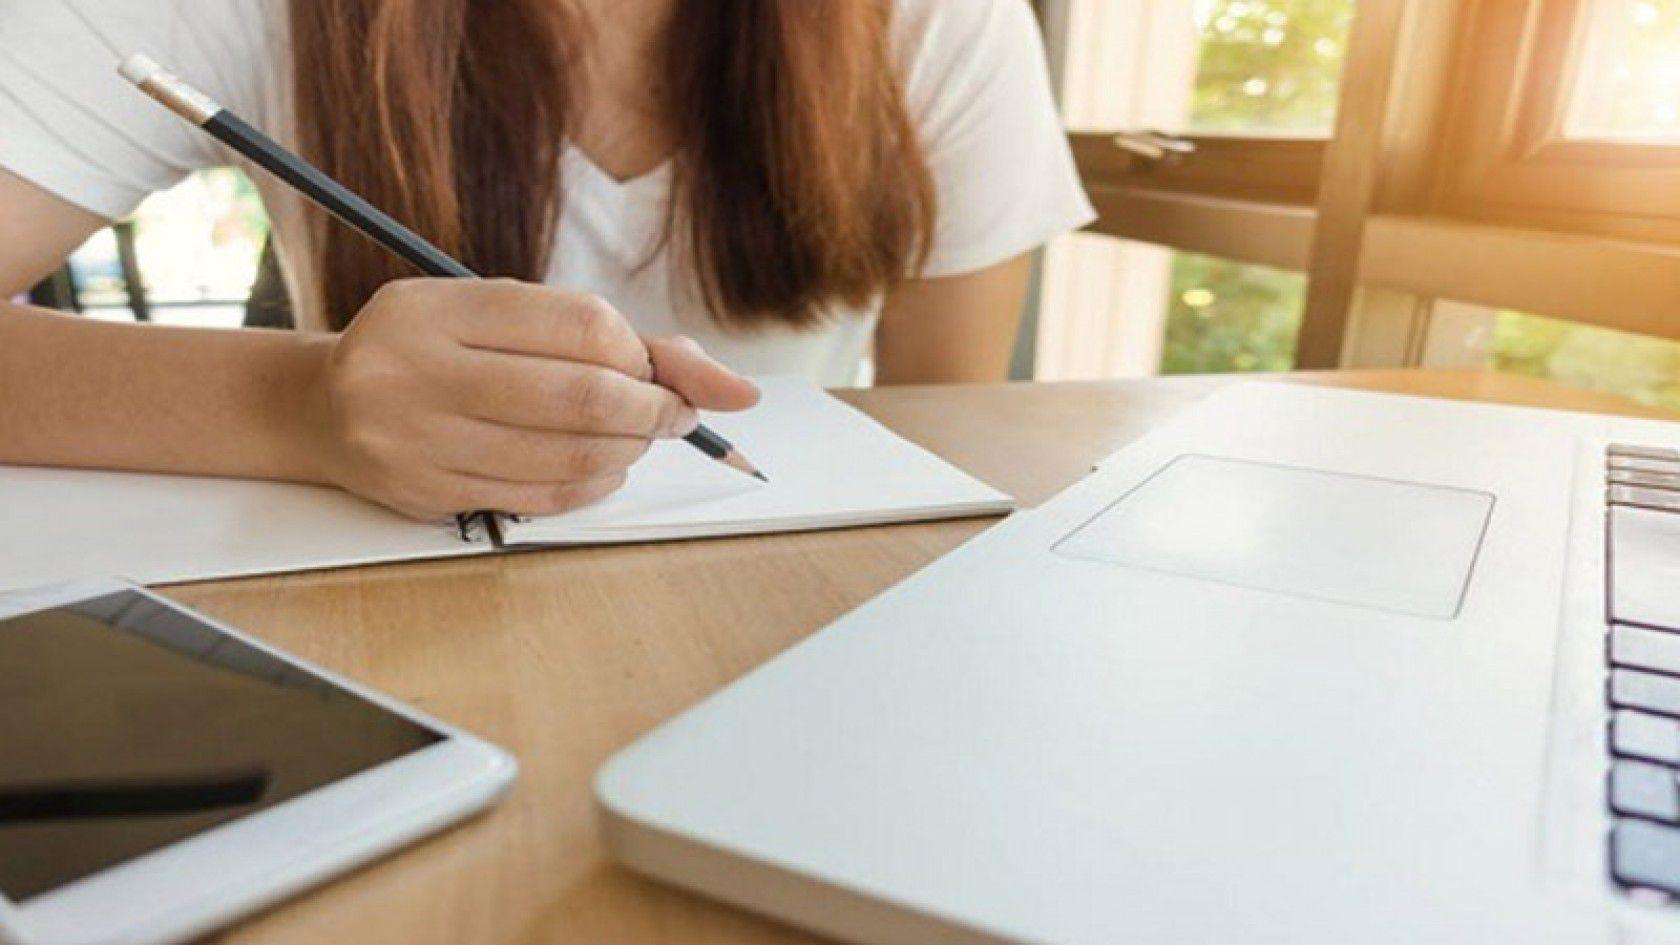 SAT Sınavı'na Kayıt Olurken Nelere Dikkat Edilmeli?